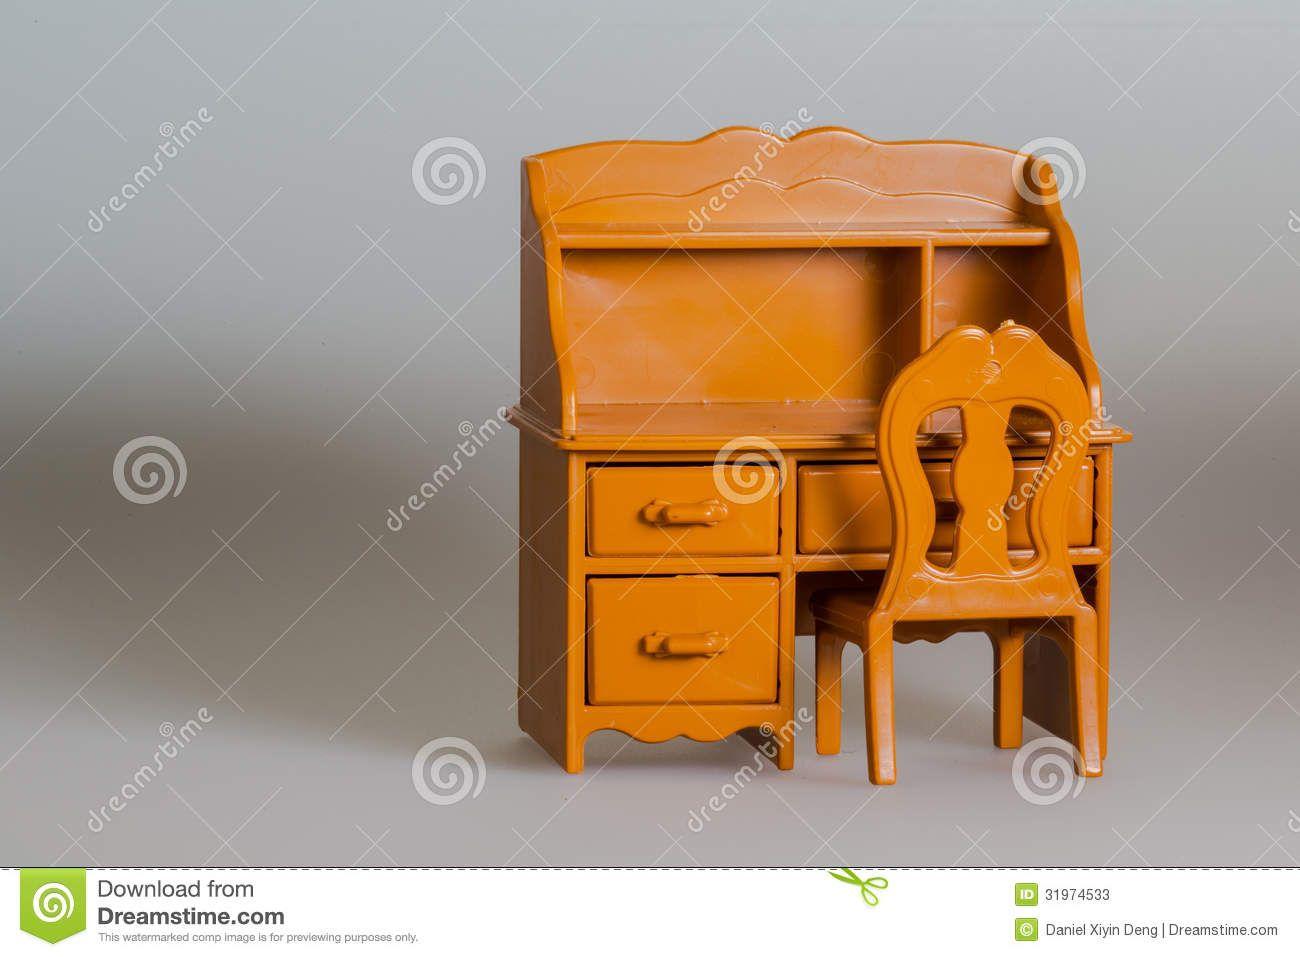 Leading Ten Amazing Wood Desk Chair - http://www.stylesous.com/leading-ten-amazing-wood-desk-chair.html